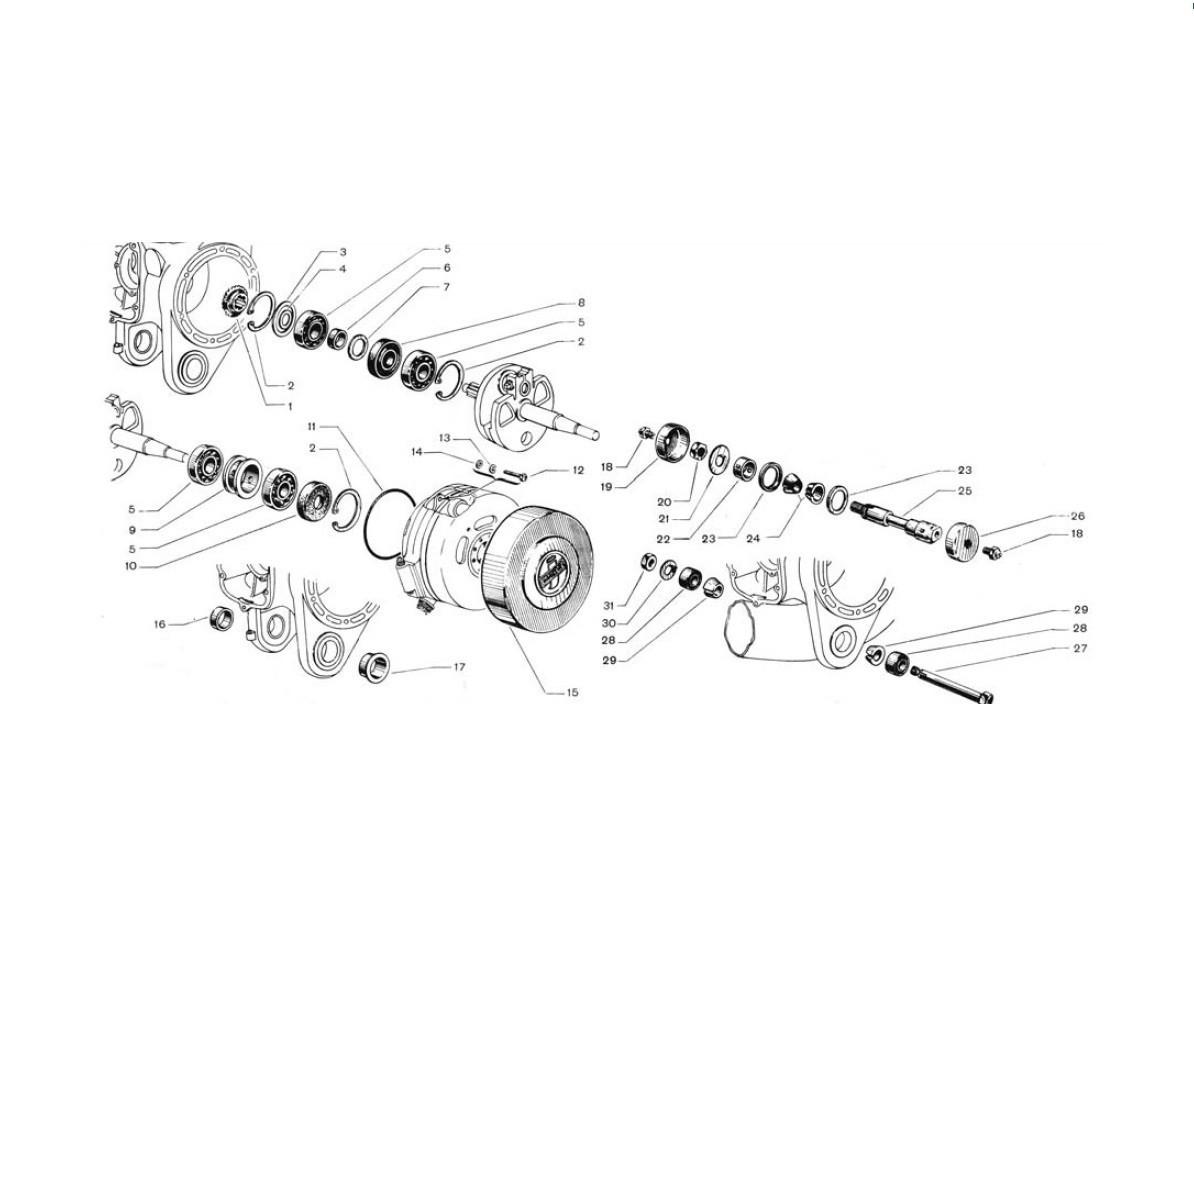 Supporto motore, cuscinetti e paraoli albero motore, coperchio volano (Tav.2)